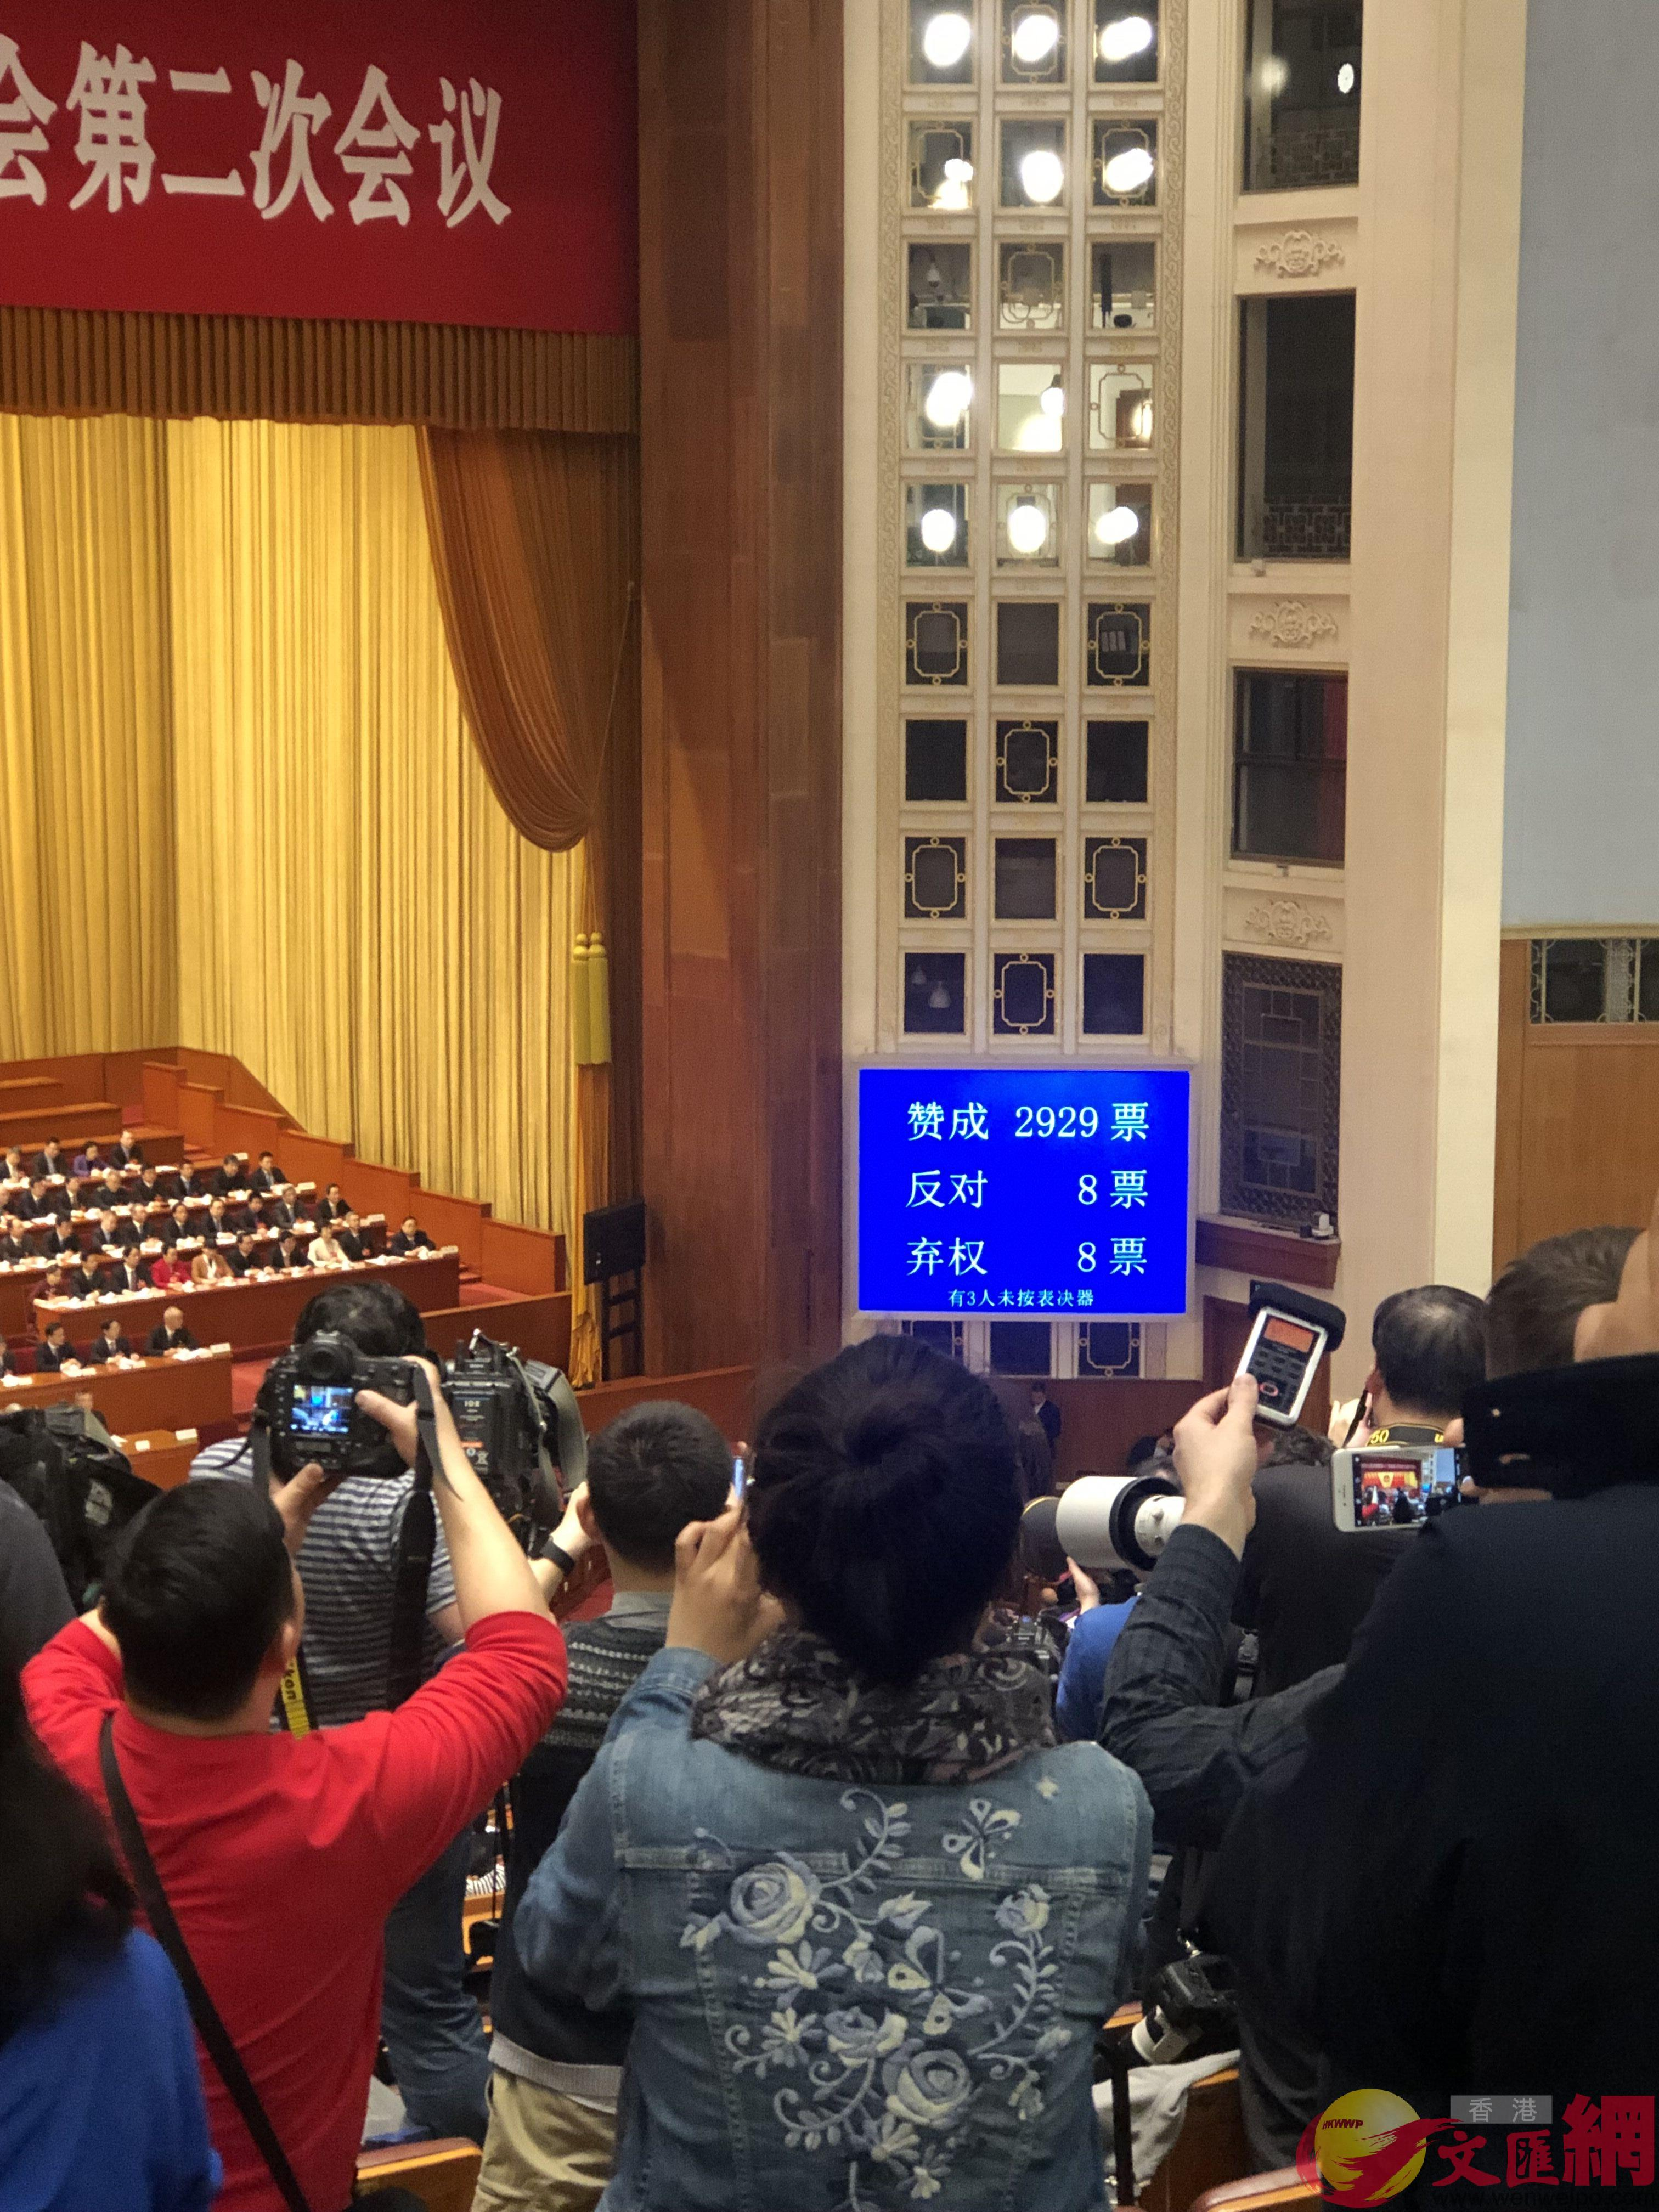 (大公文匯全媒體記者 謝光輝 攝)